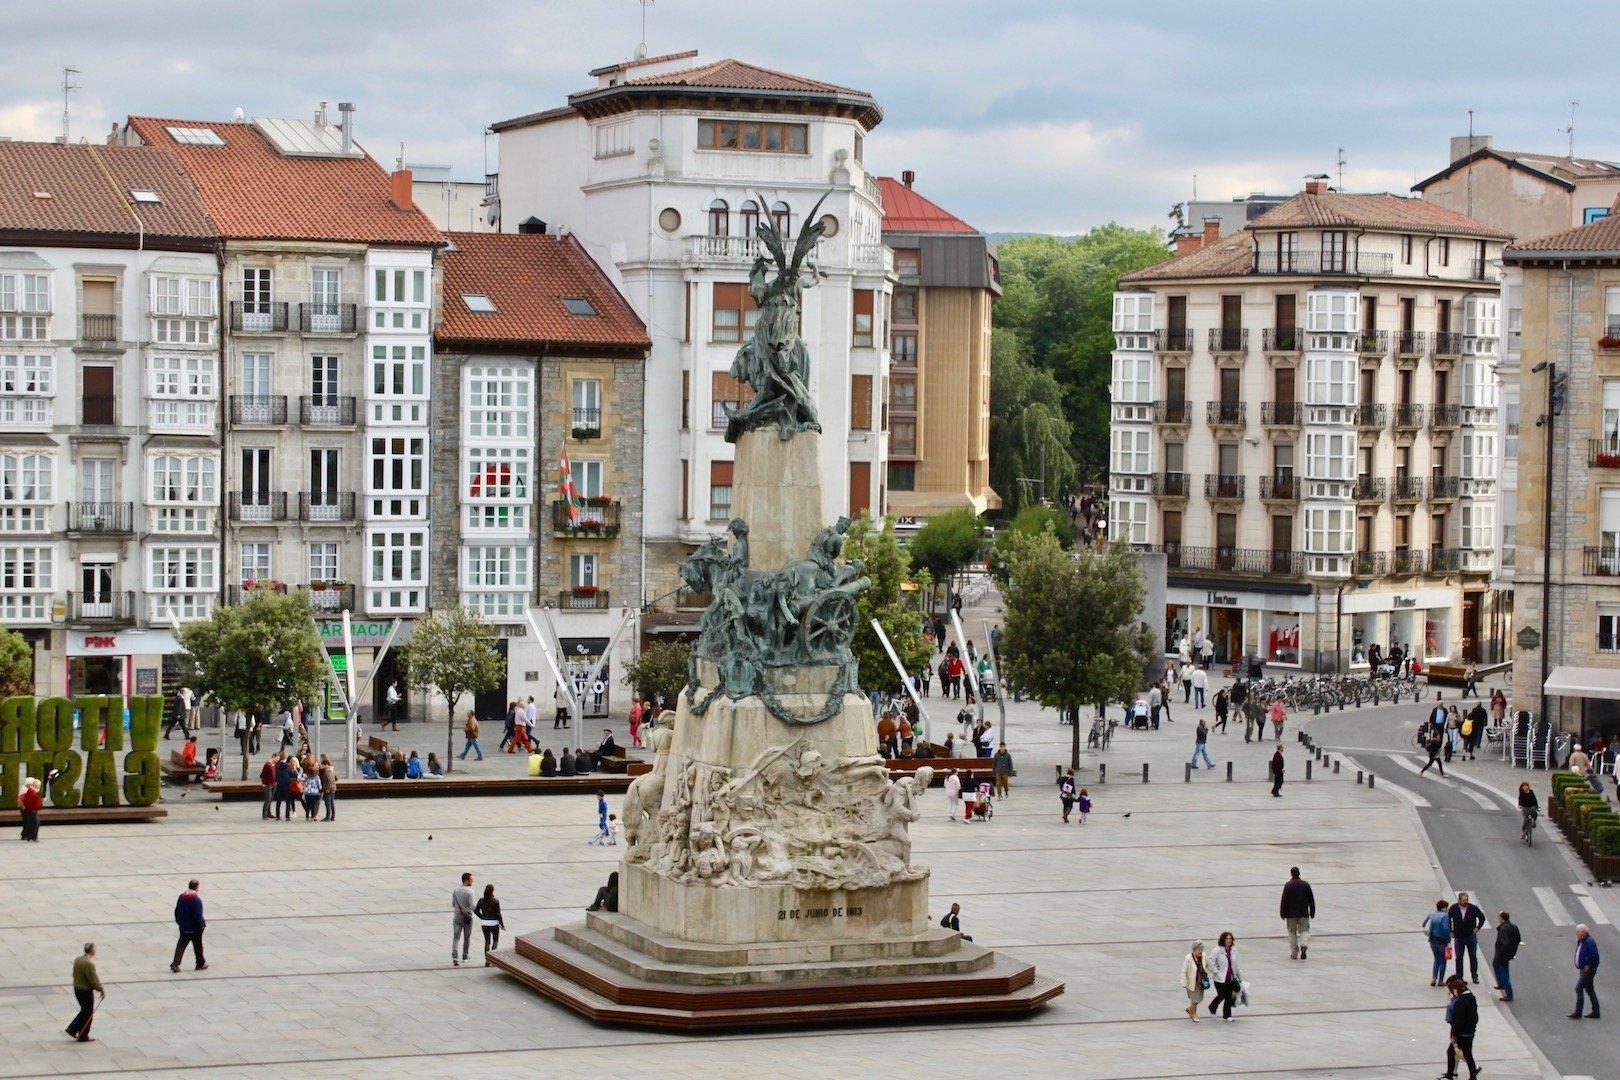 In der Mitte des Marktplatzes steht ein großer Brunnen. Viele Fußgänger sind zu sehen. Der Platz ist von Häusern umsäumt.